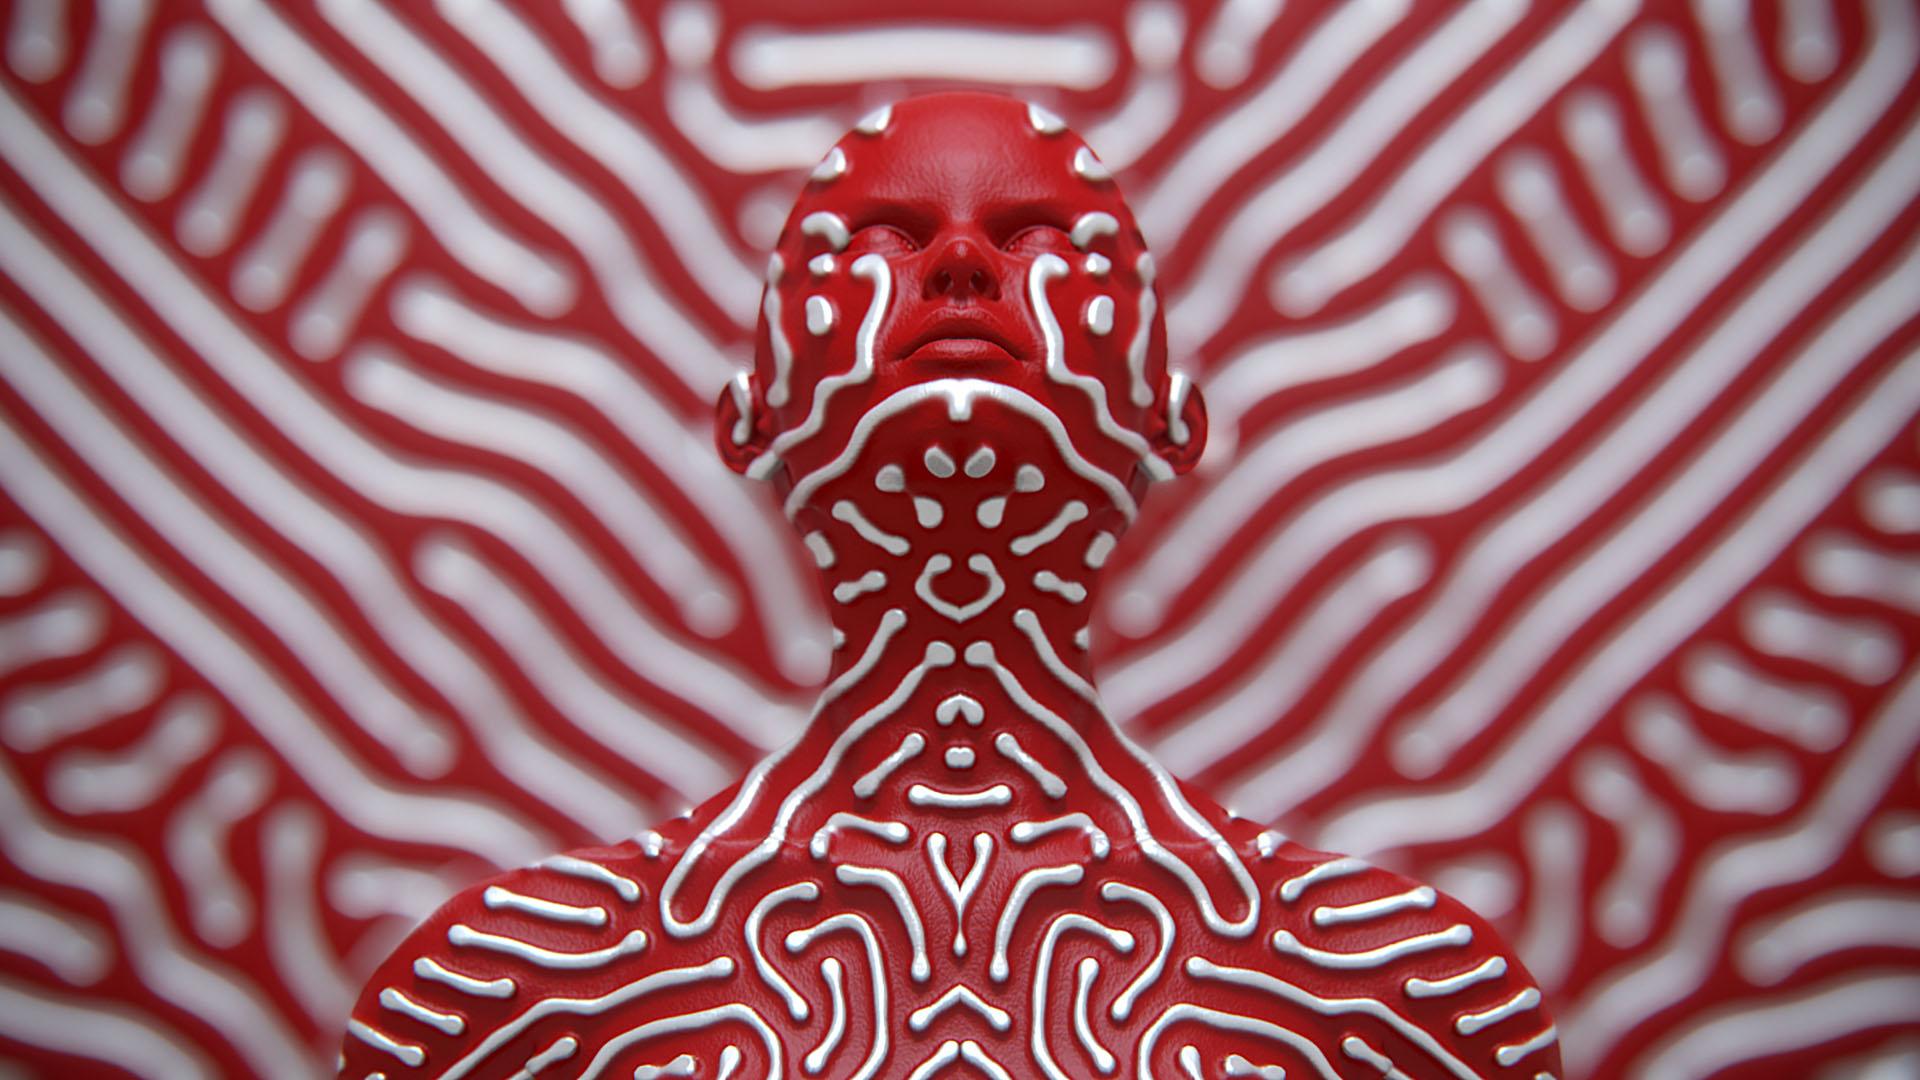 Поразительные графические портреты от японского дизайнера Кухей Накамы